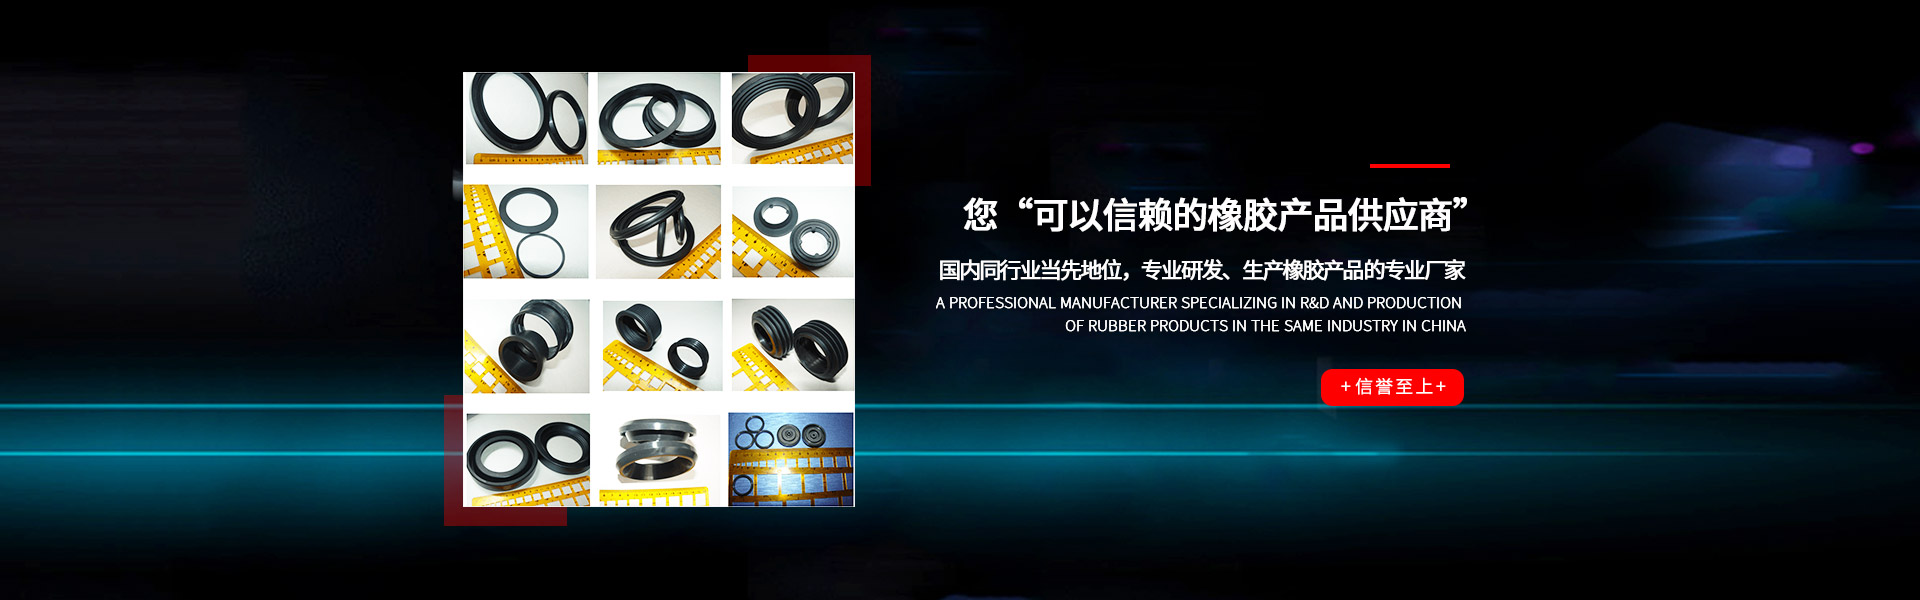 上海橡胶制品